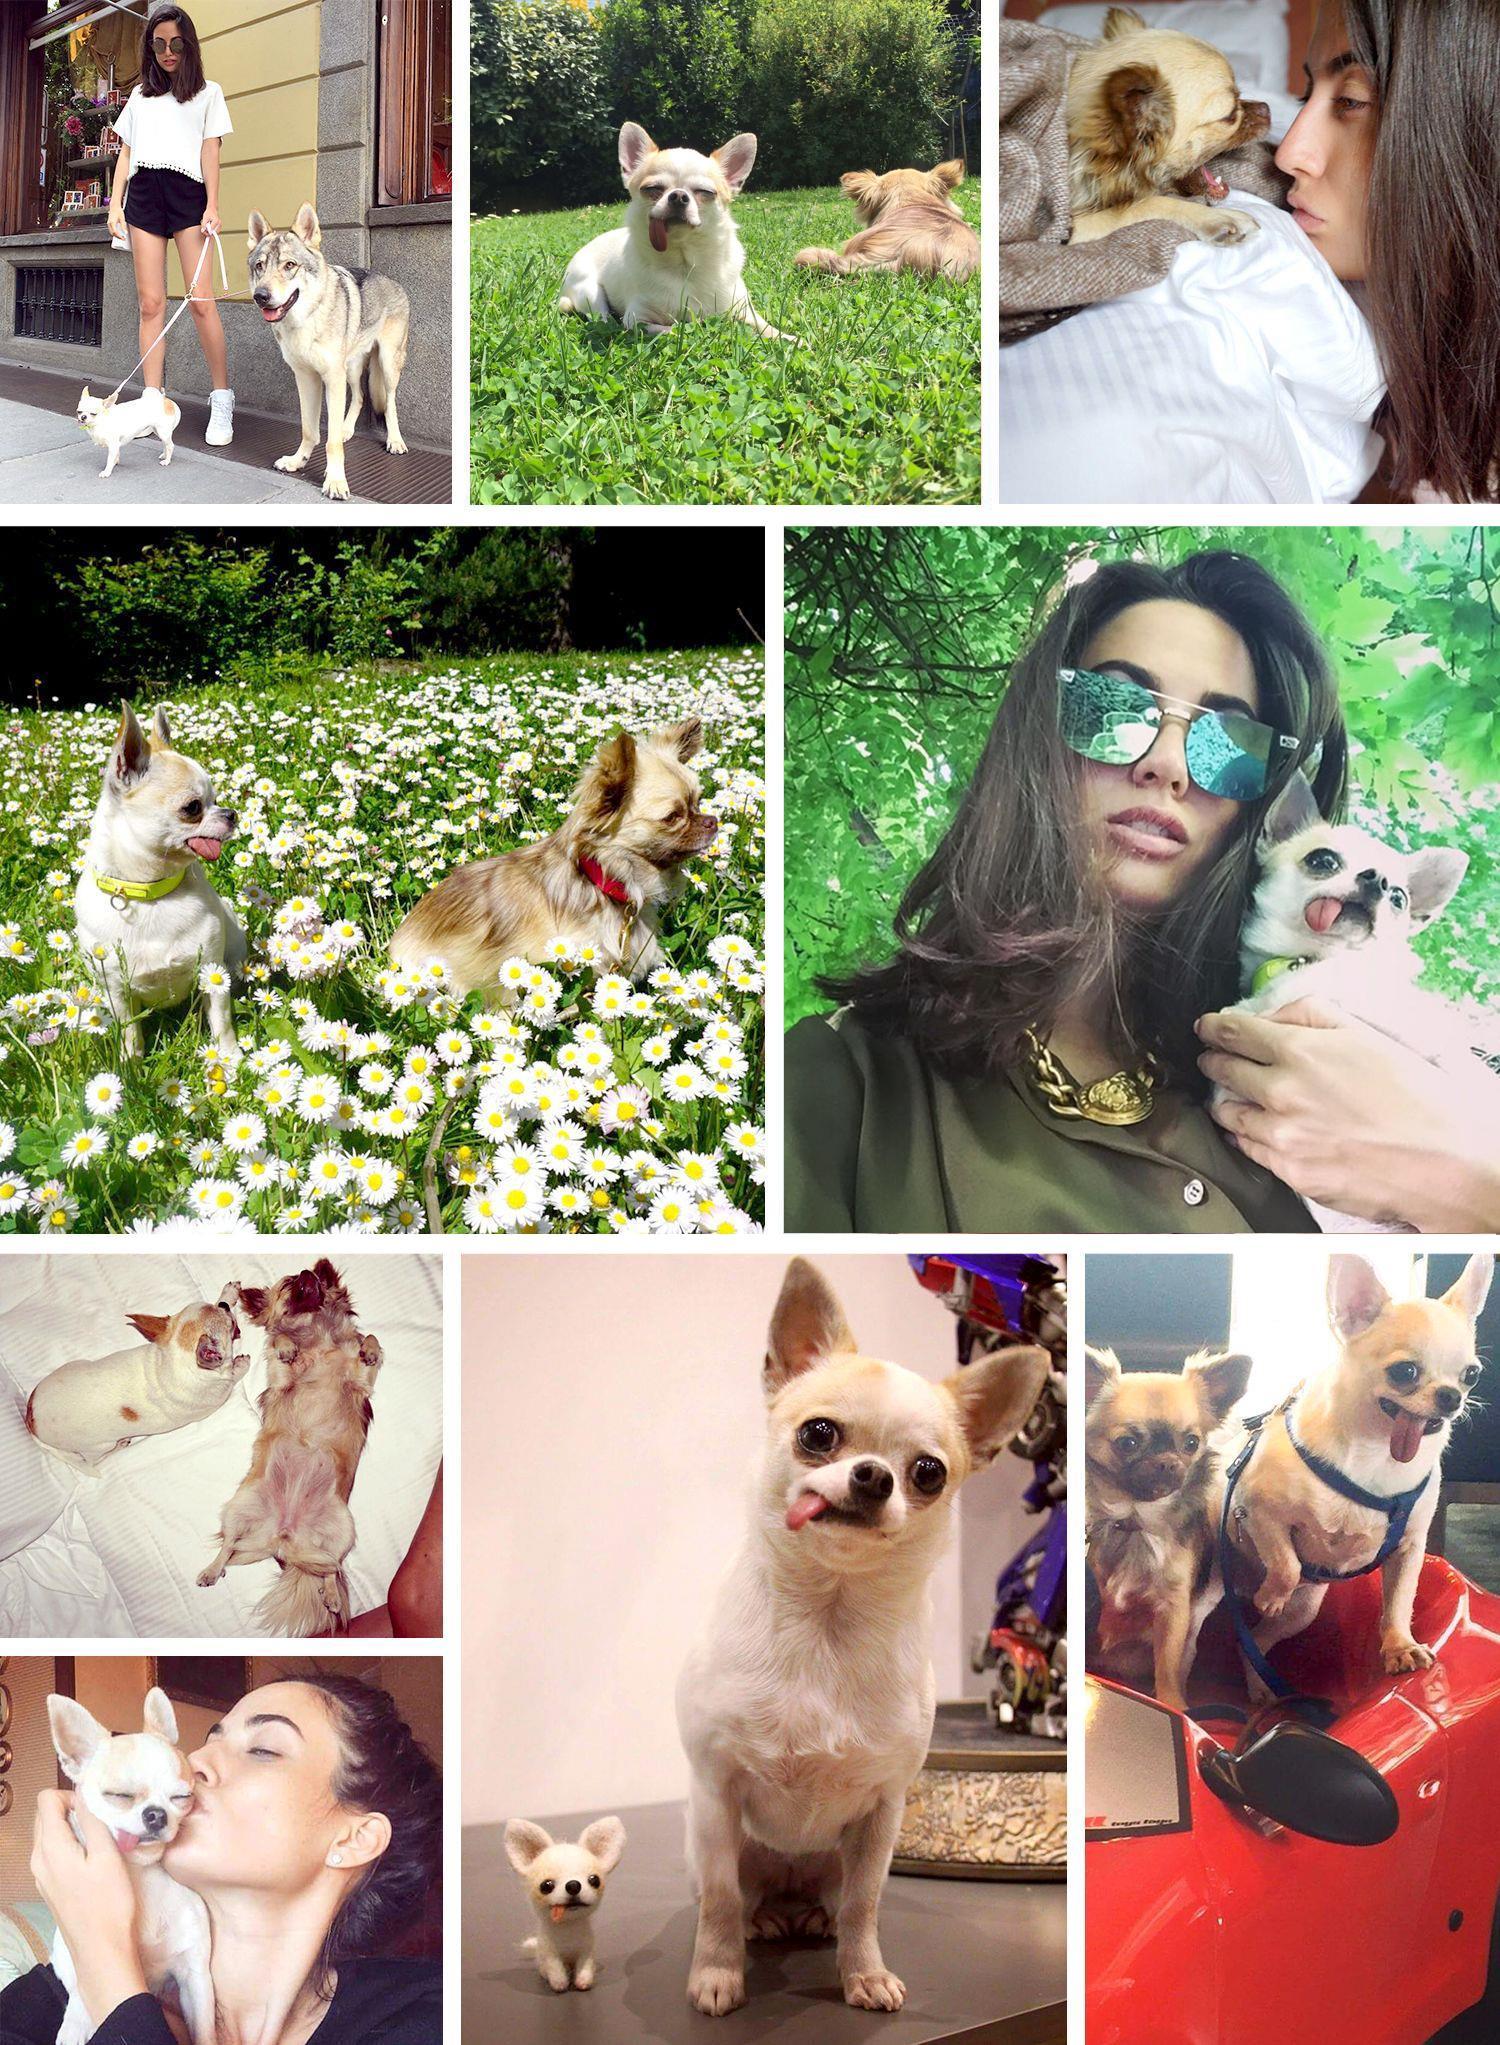 Dalani, Giulia Valentina, Casa, Milano, Parigi, Passione, Spazio, Tv